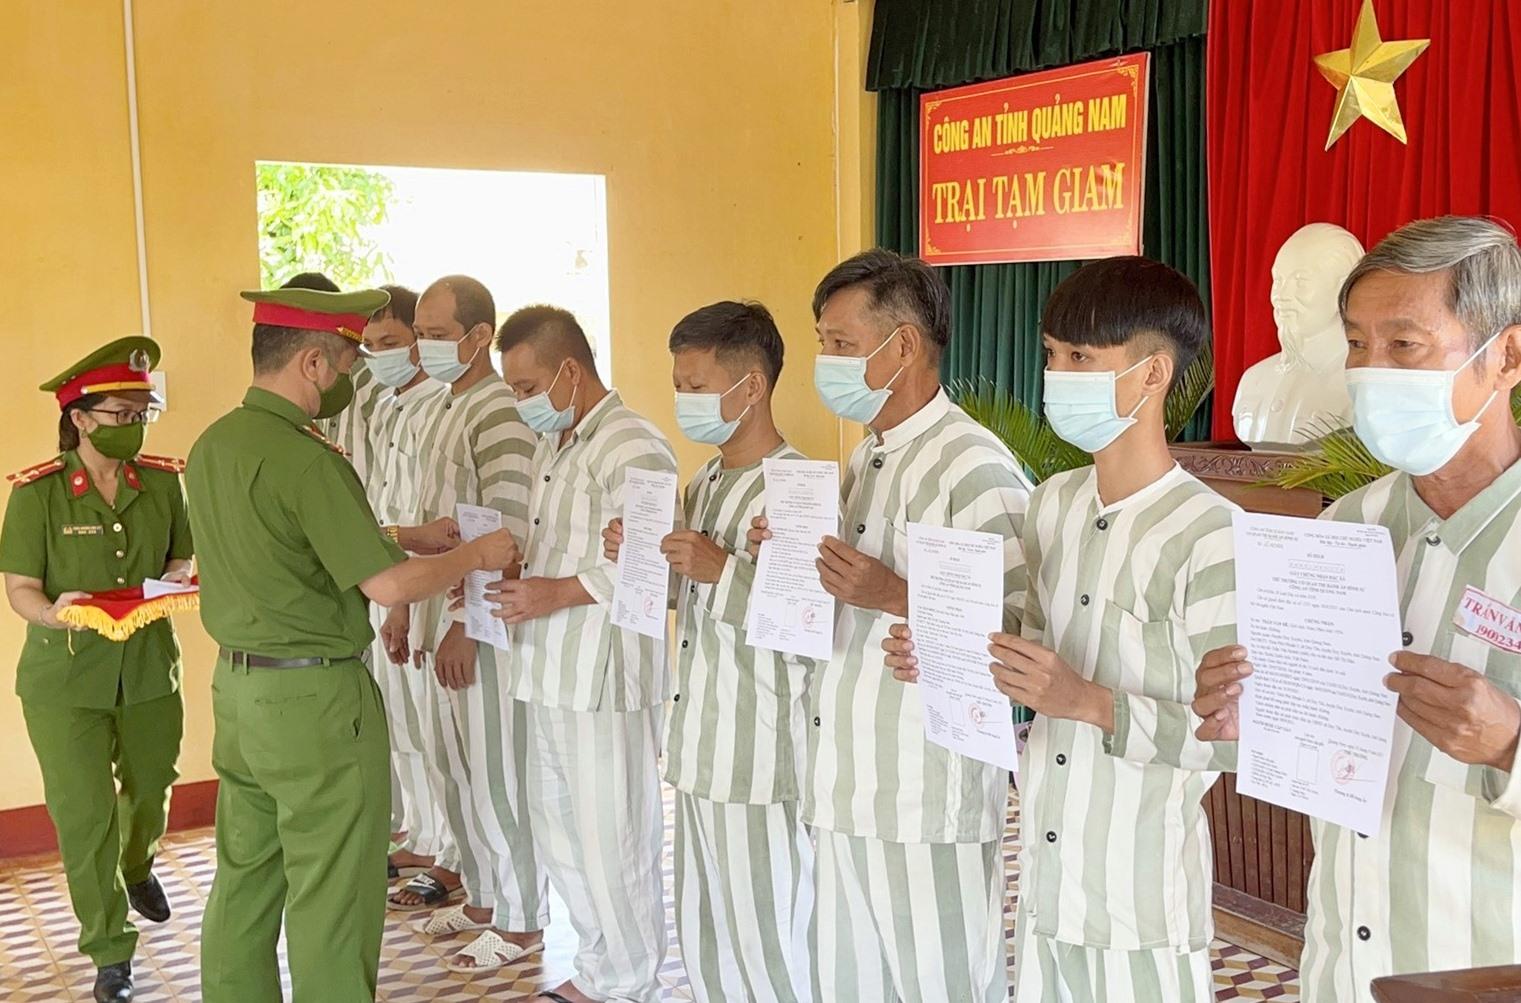 Trại tạm giam Công an tỉnh Công bố quyết định đặc xá của Chủ tịch nước cho các phạm nhân